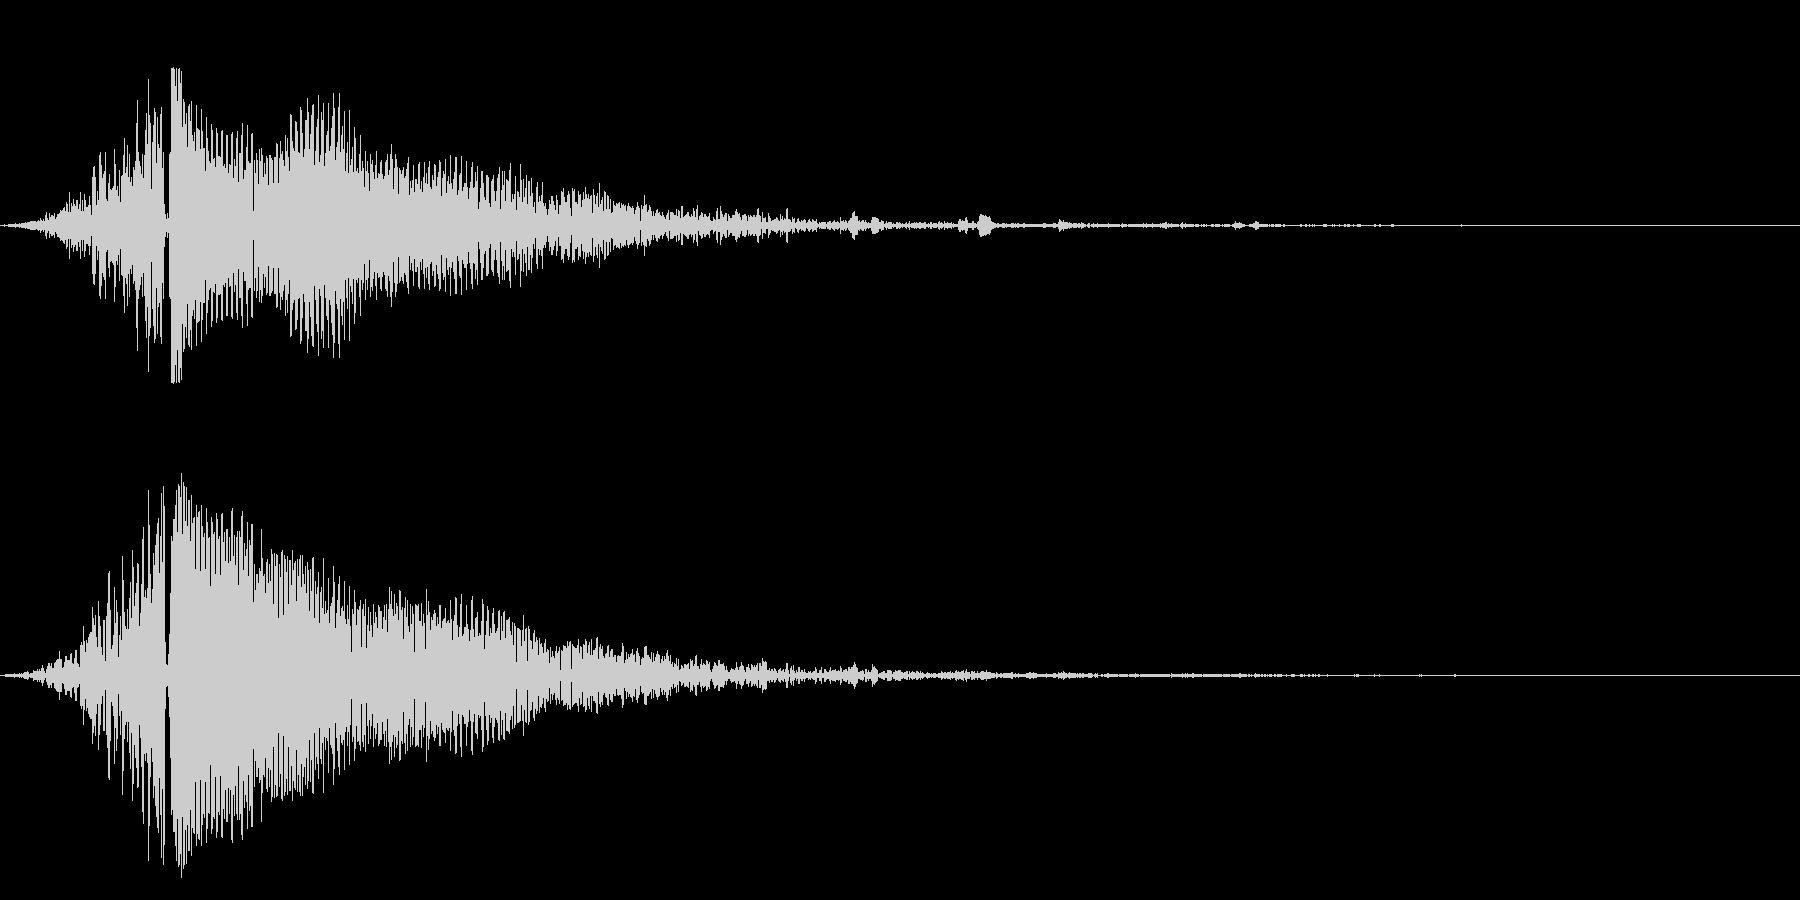 ホラー系アタック音125の未再生の波形